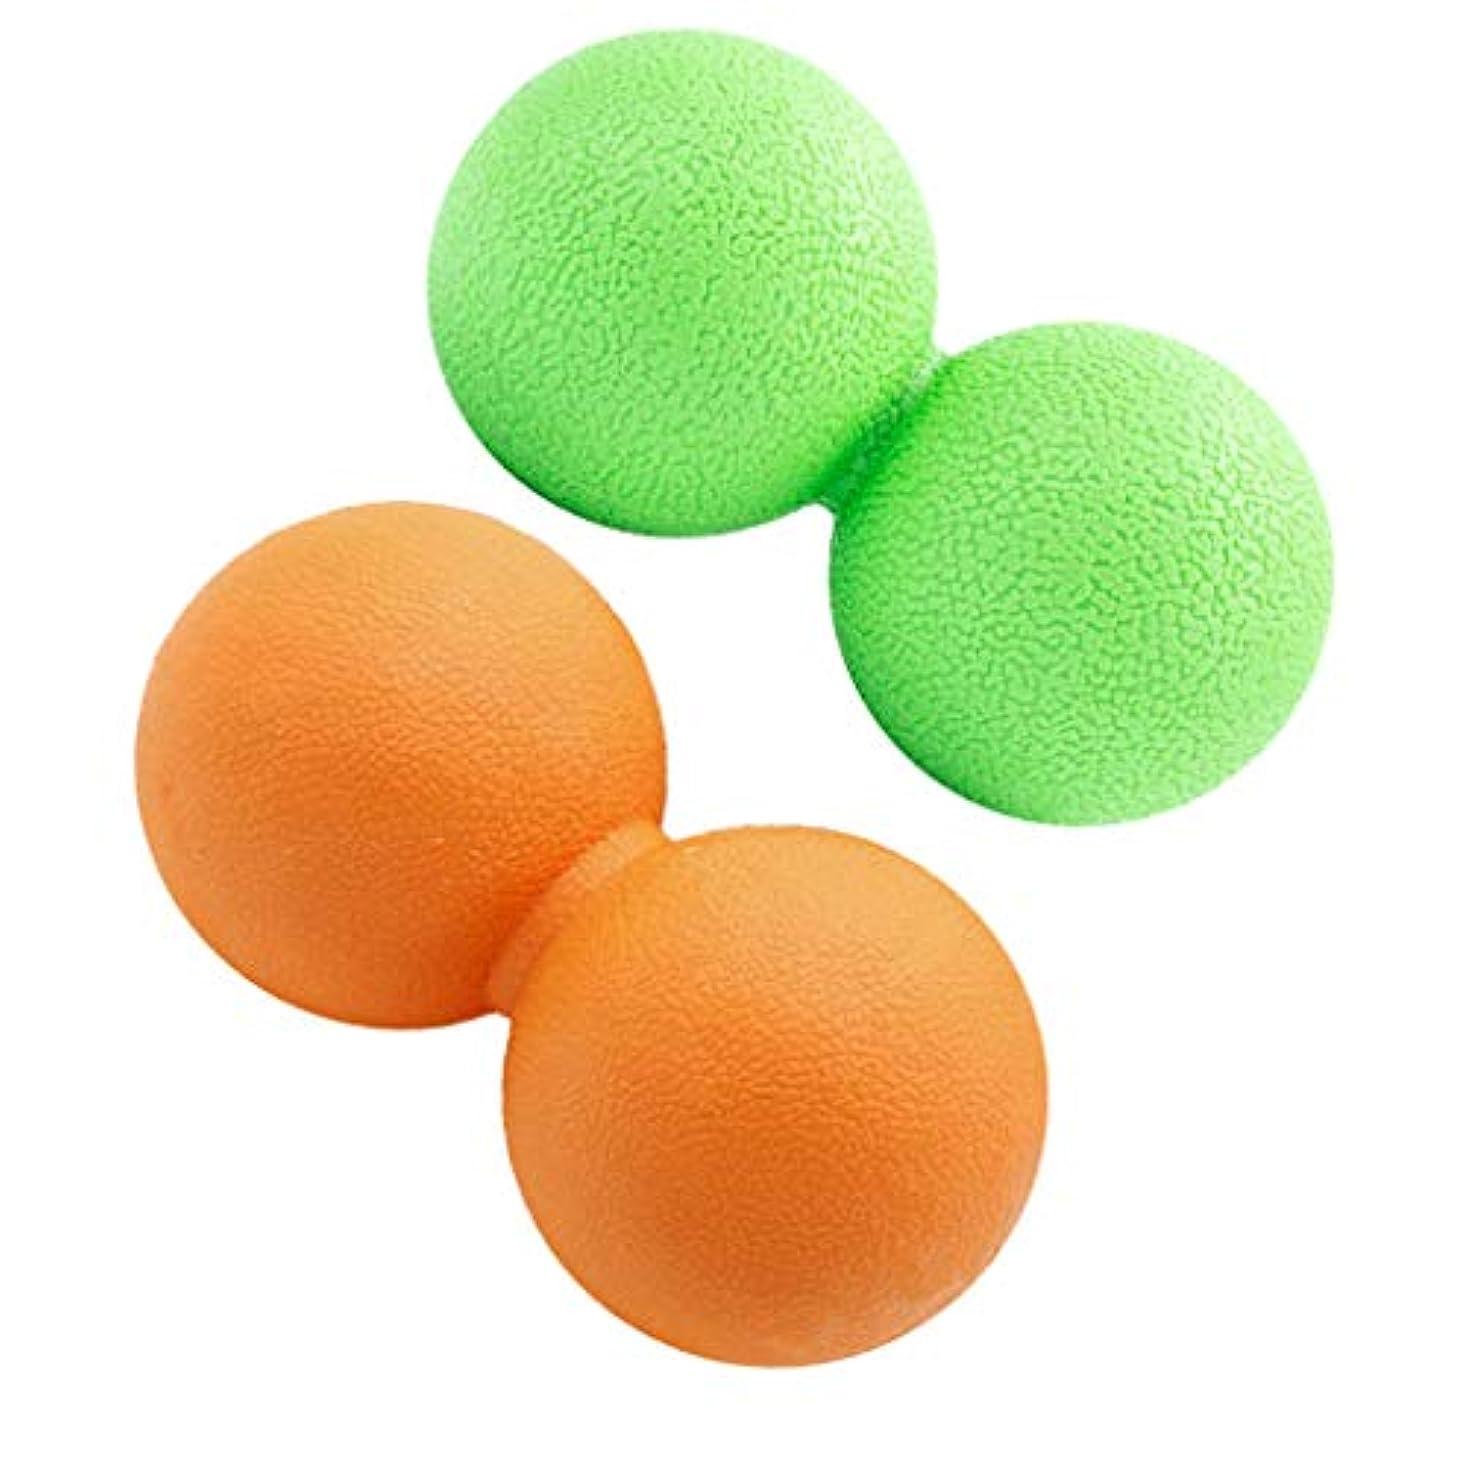 四分円初期の数字2個 マッサージボール ピーナッツ型 筋膜リリース トリガーポイント リラックス 携带便利